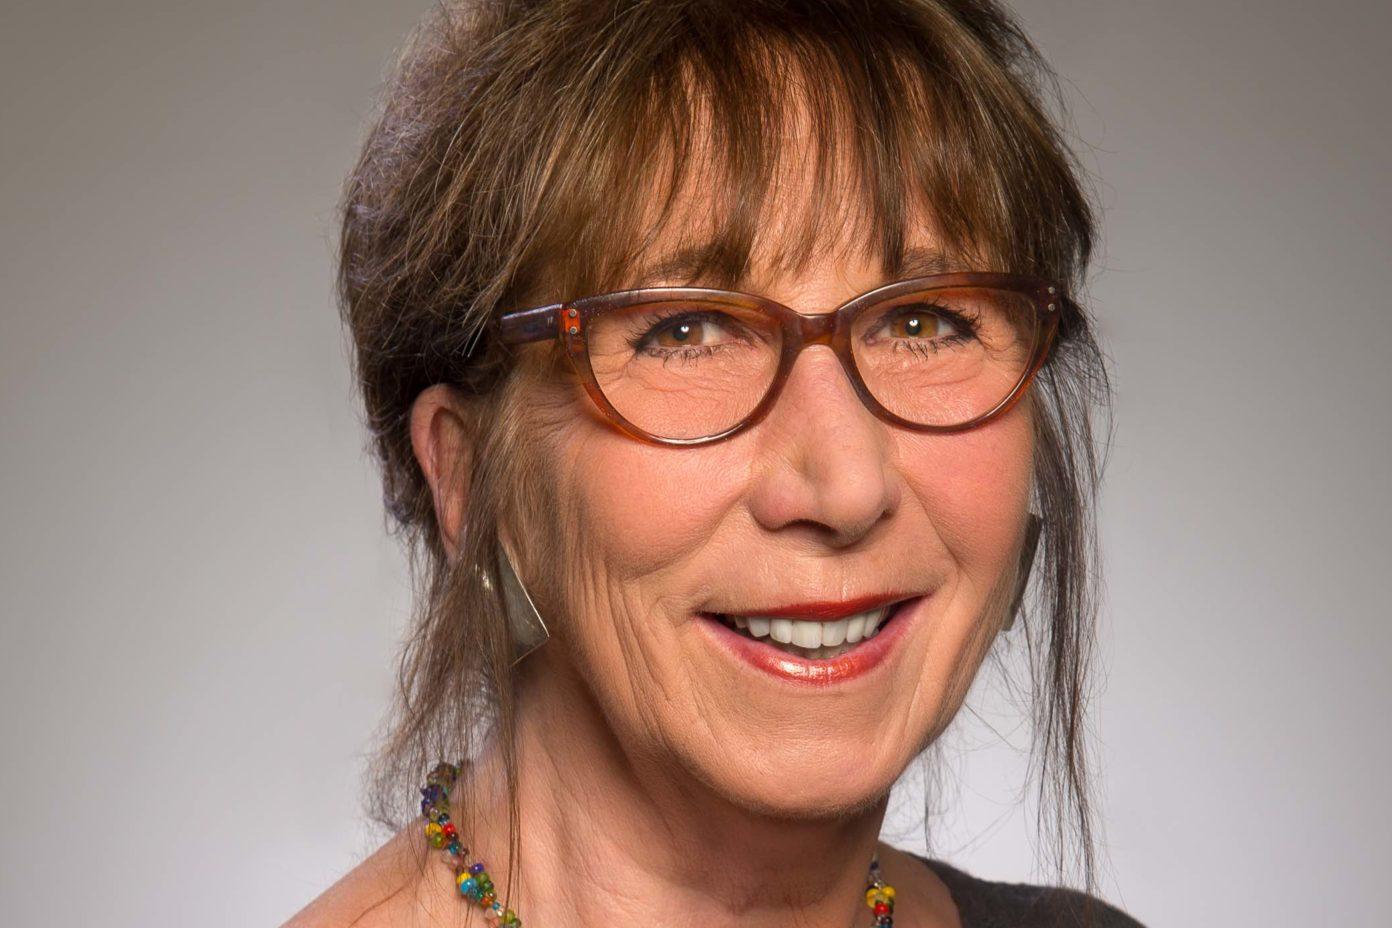 Portrait Regina Finke. Sie ist Diplom-Pädagogin, Supervisorin und ehemalige Kita-Beraterin aus Berlin.